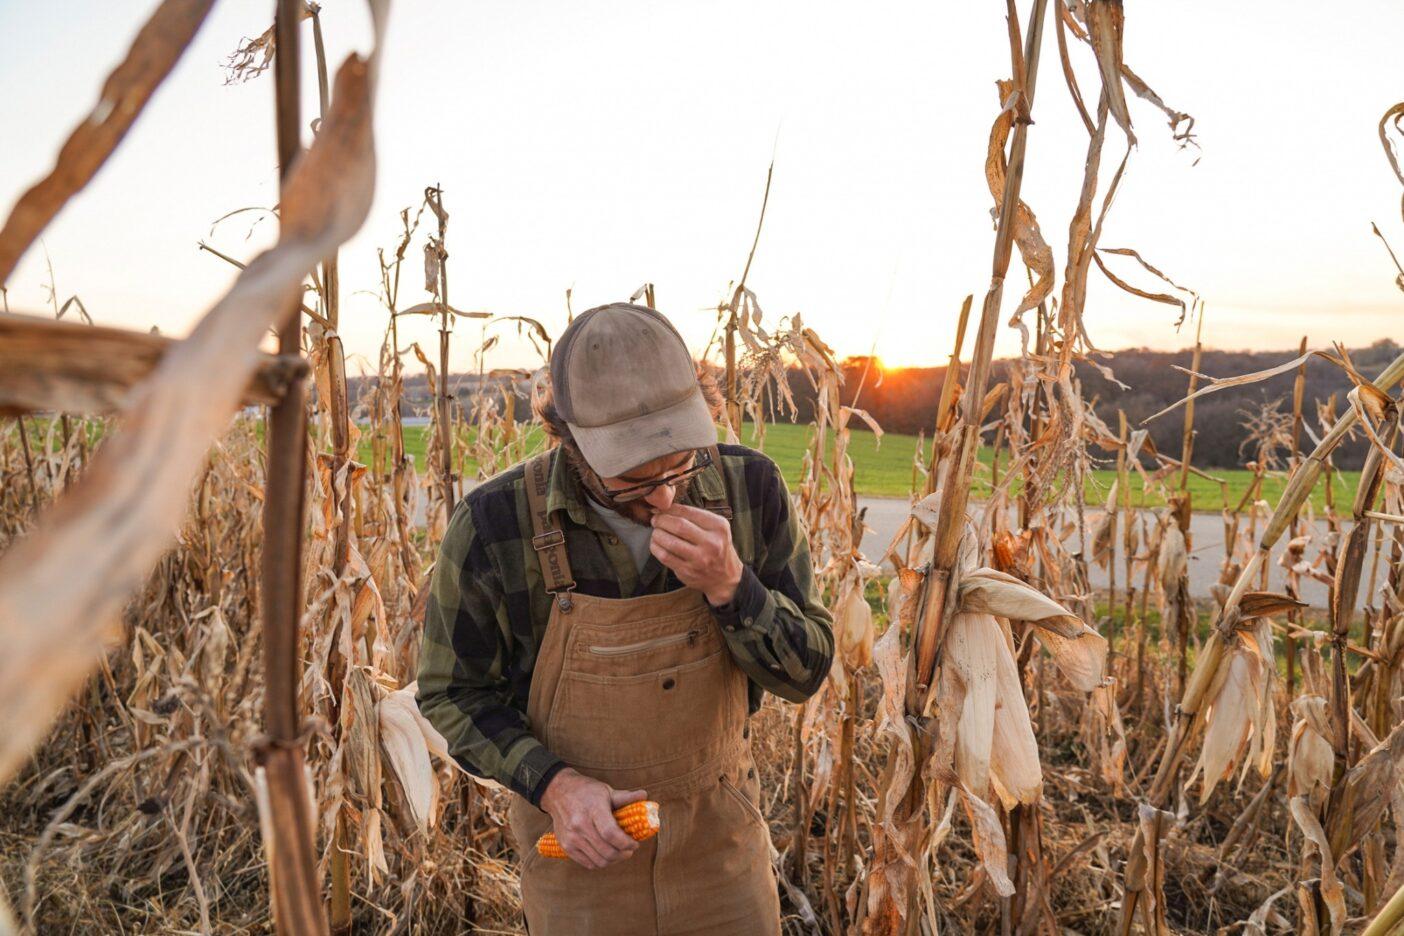 ジョンは来年の種として取っておく自然受粉したトウモロコシを選別する。Photo: Jesse Perkins